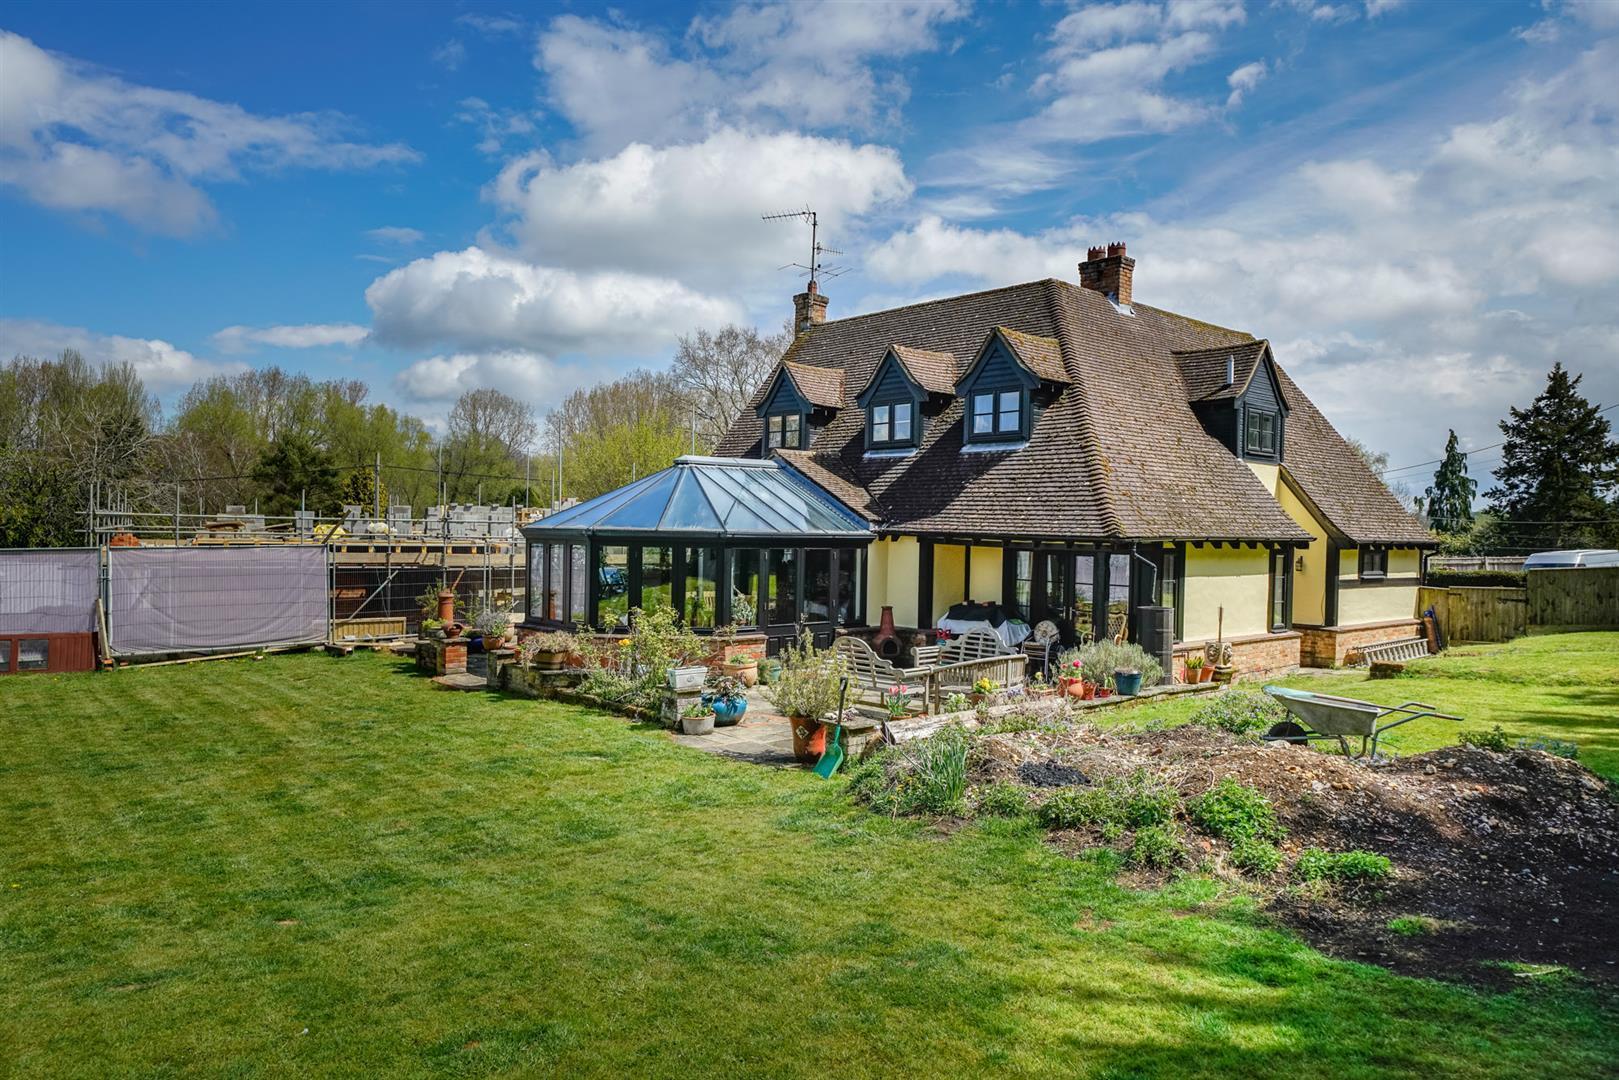 Woodlands-back garden back of house.jpg